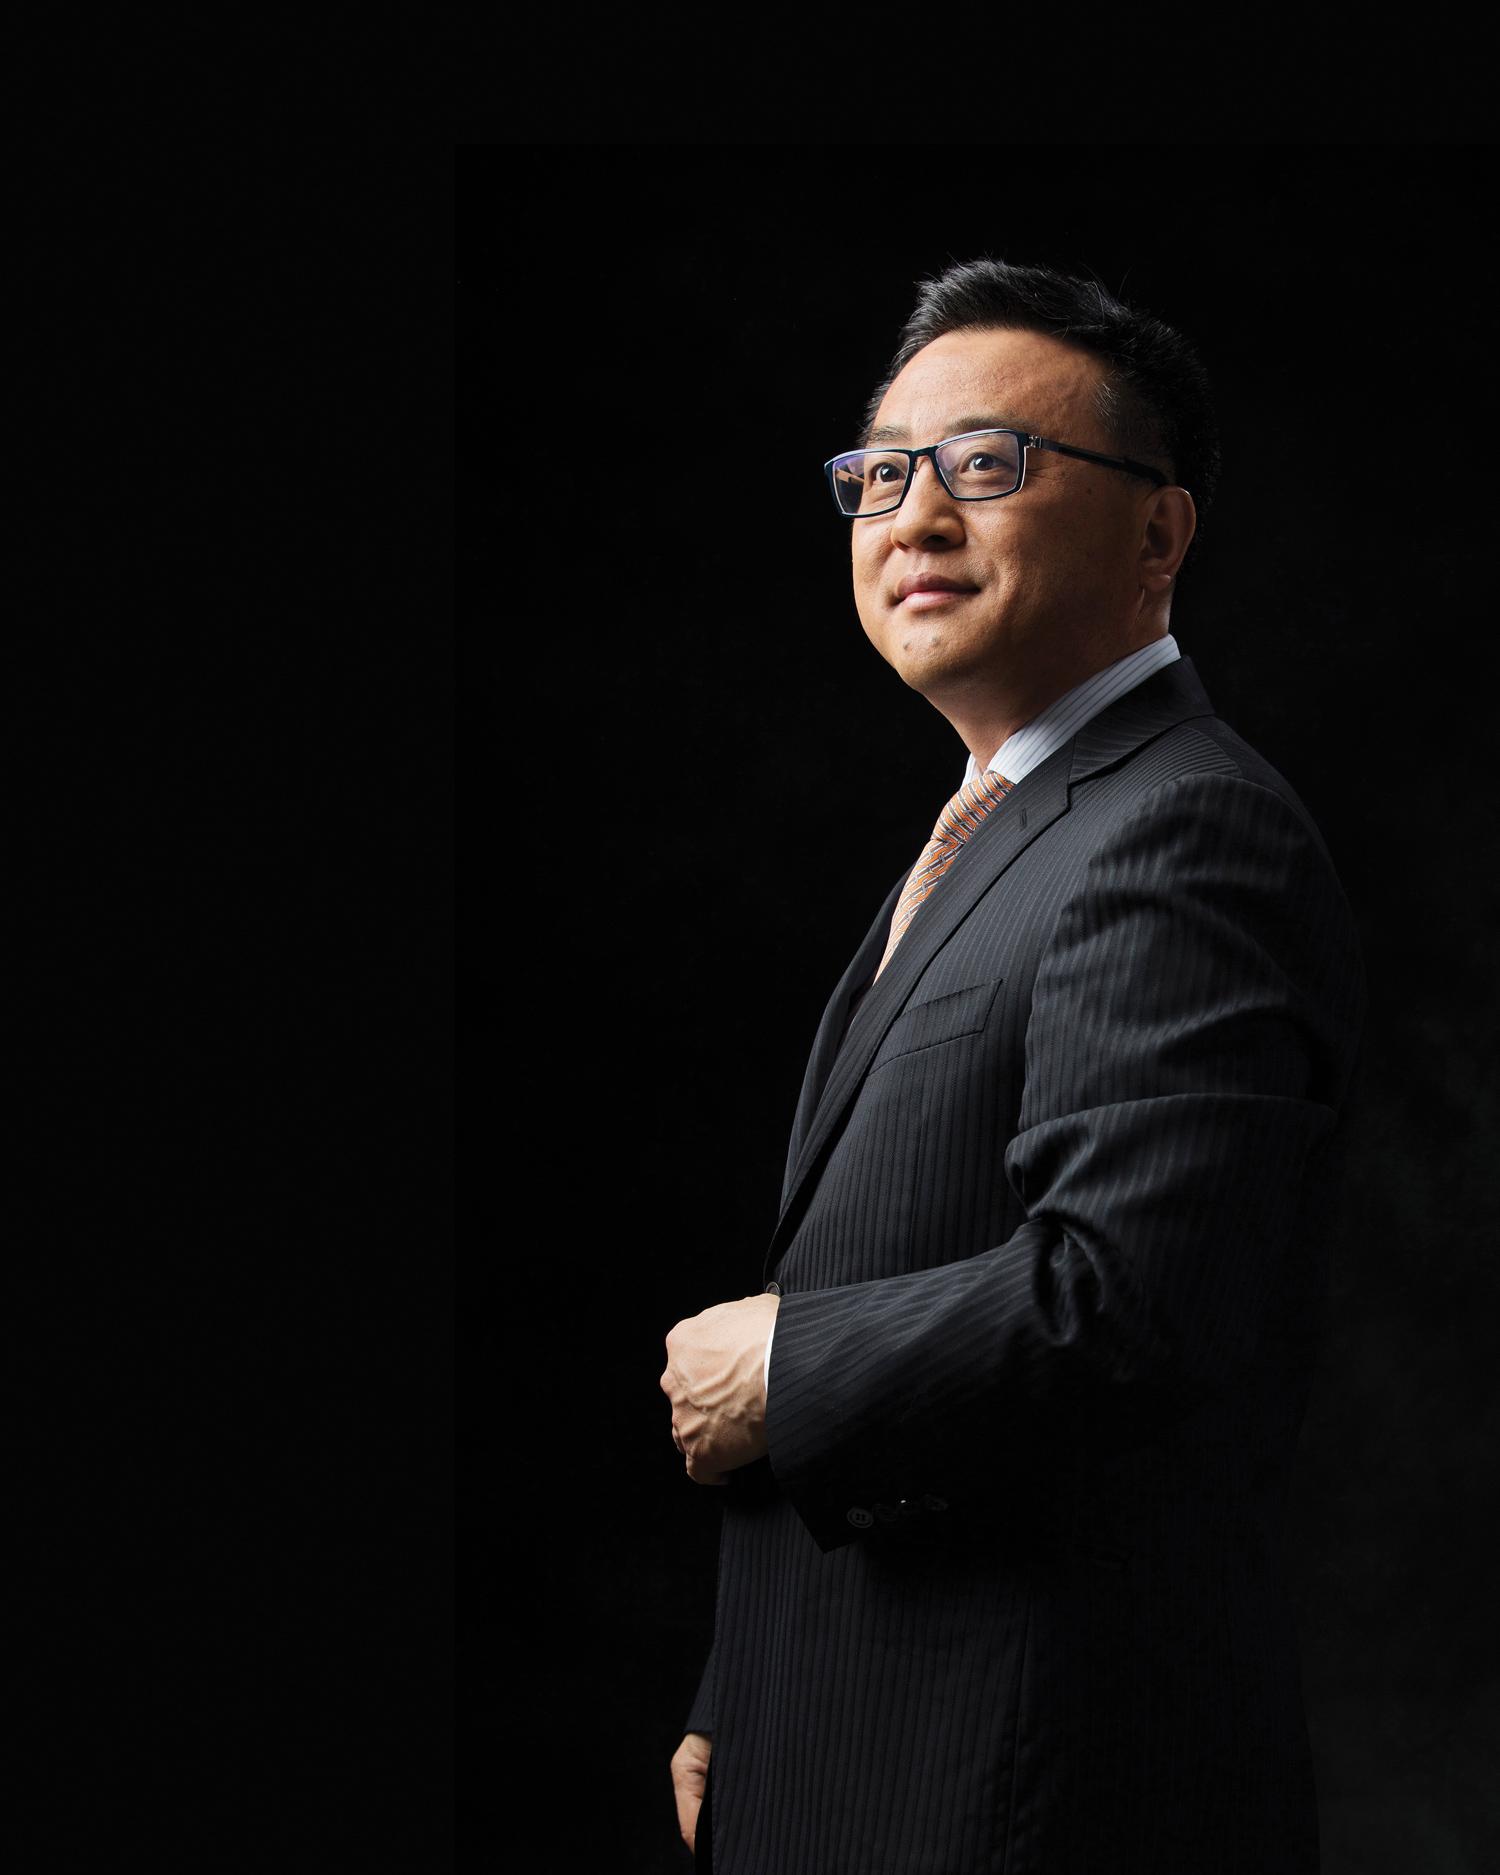 「ライバルは米国よりも中国企業」 バイドゥ社長インタビュー